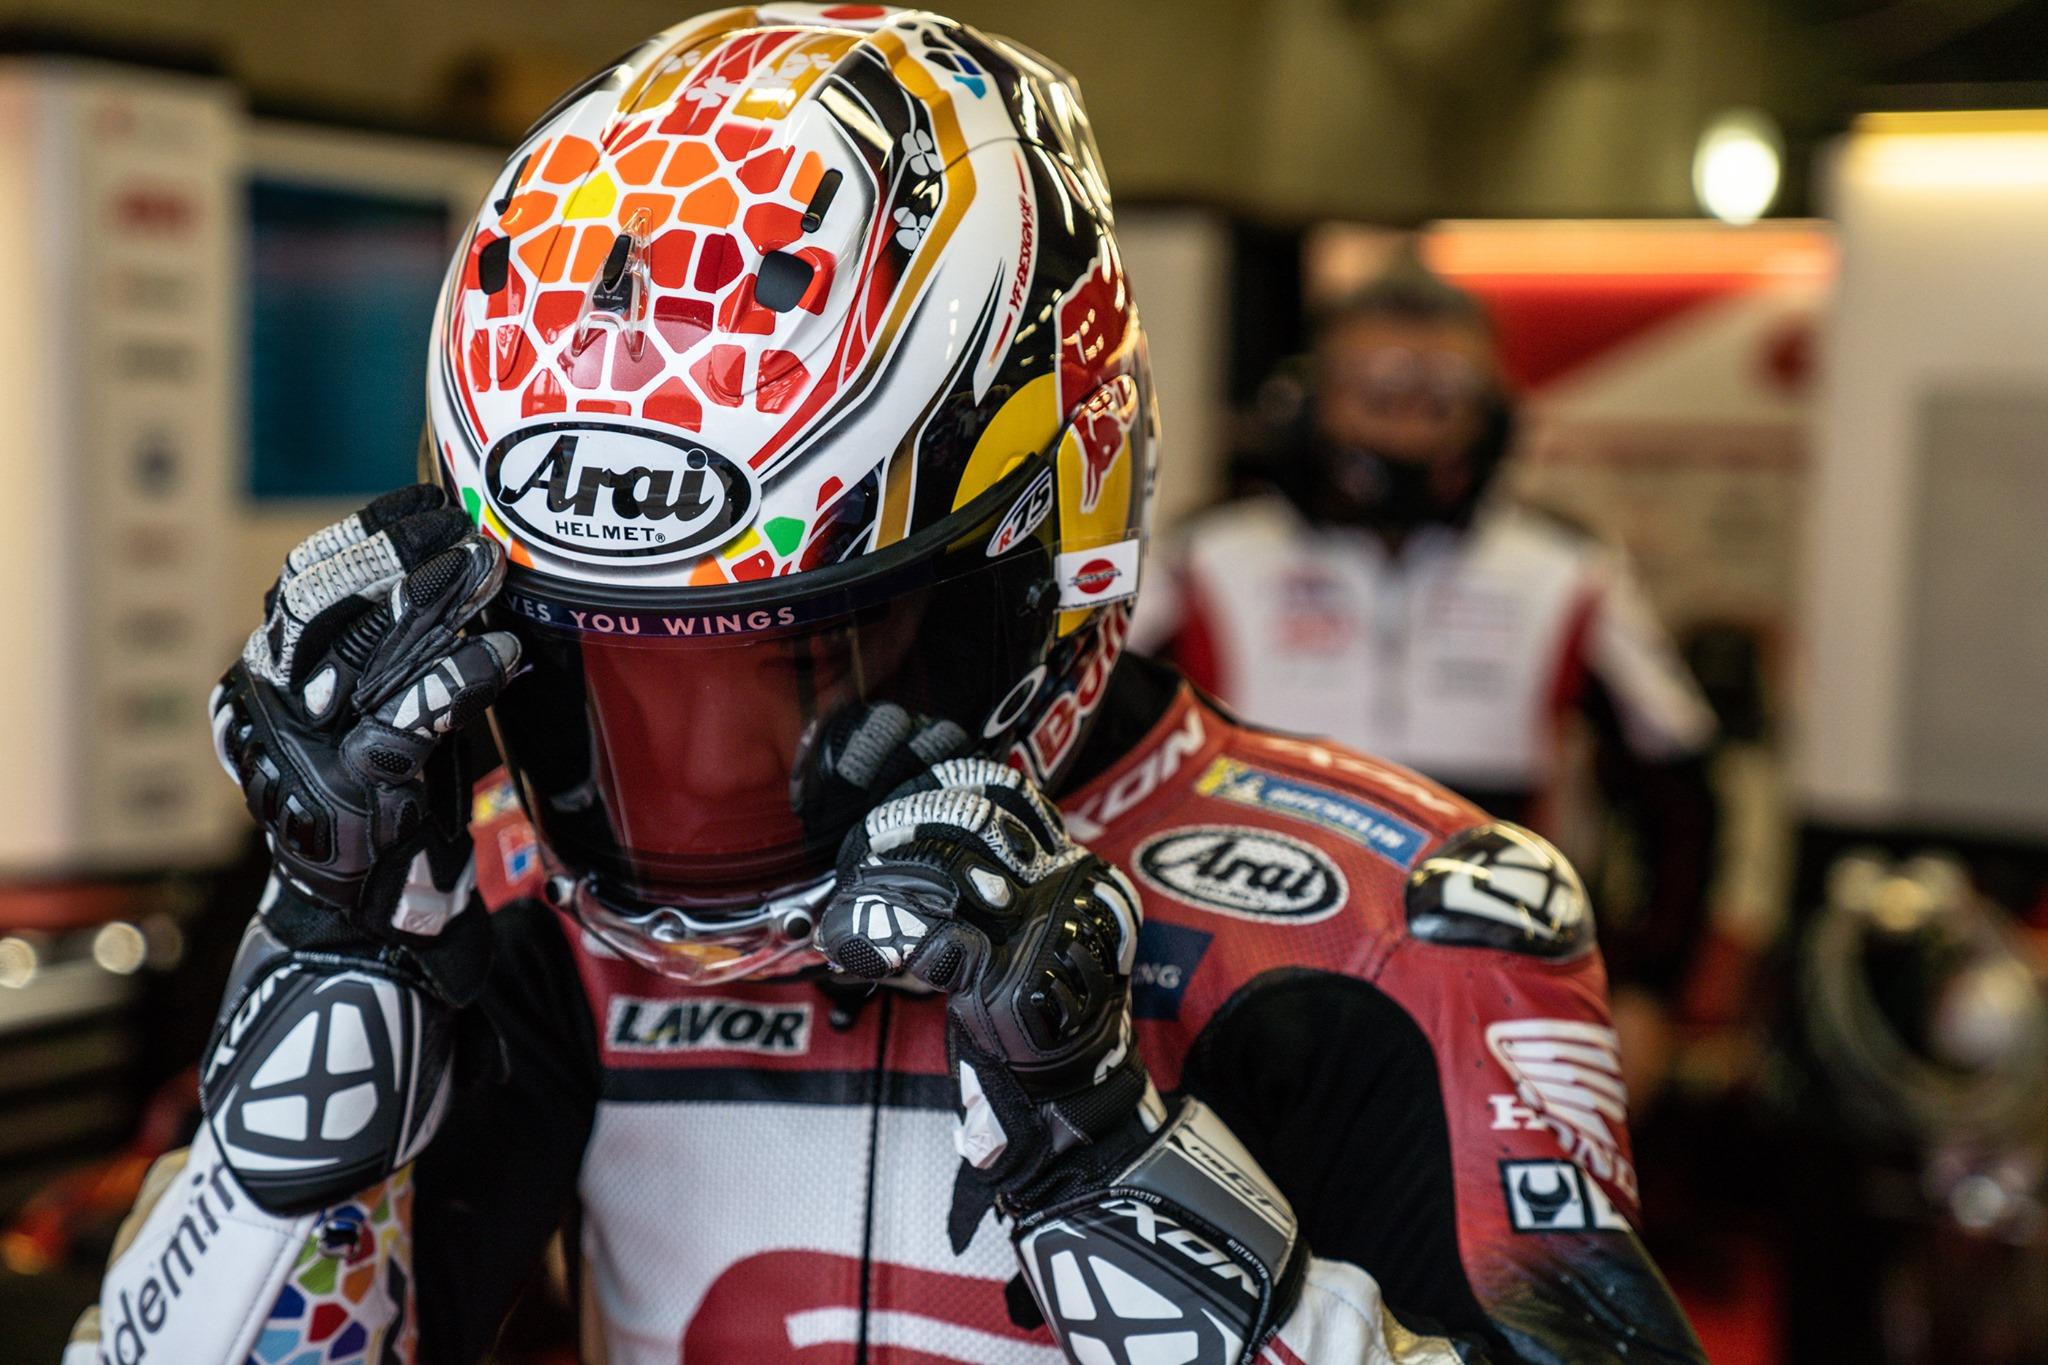 フランスGP 予選7位 中上 貴晶「レースに向けて自信はある」